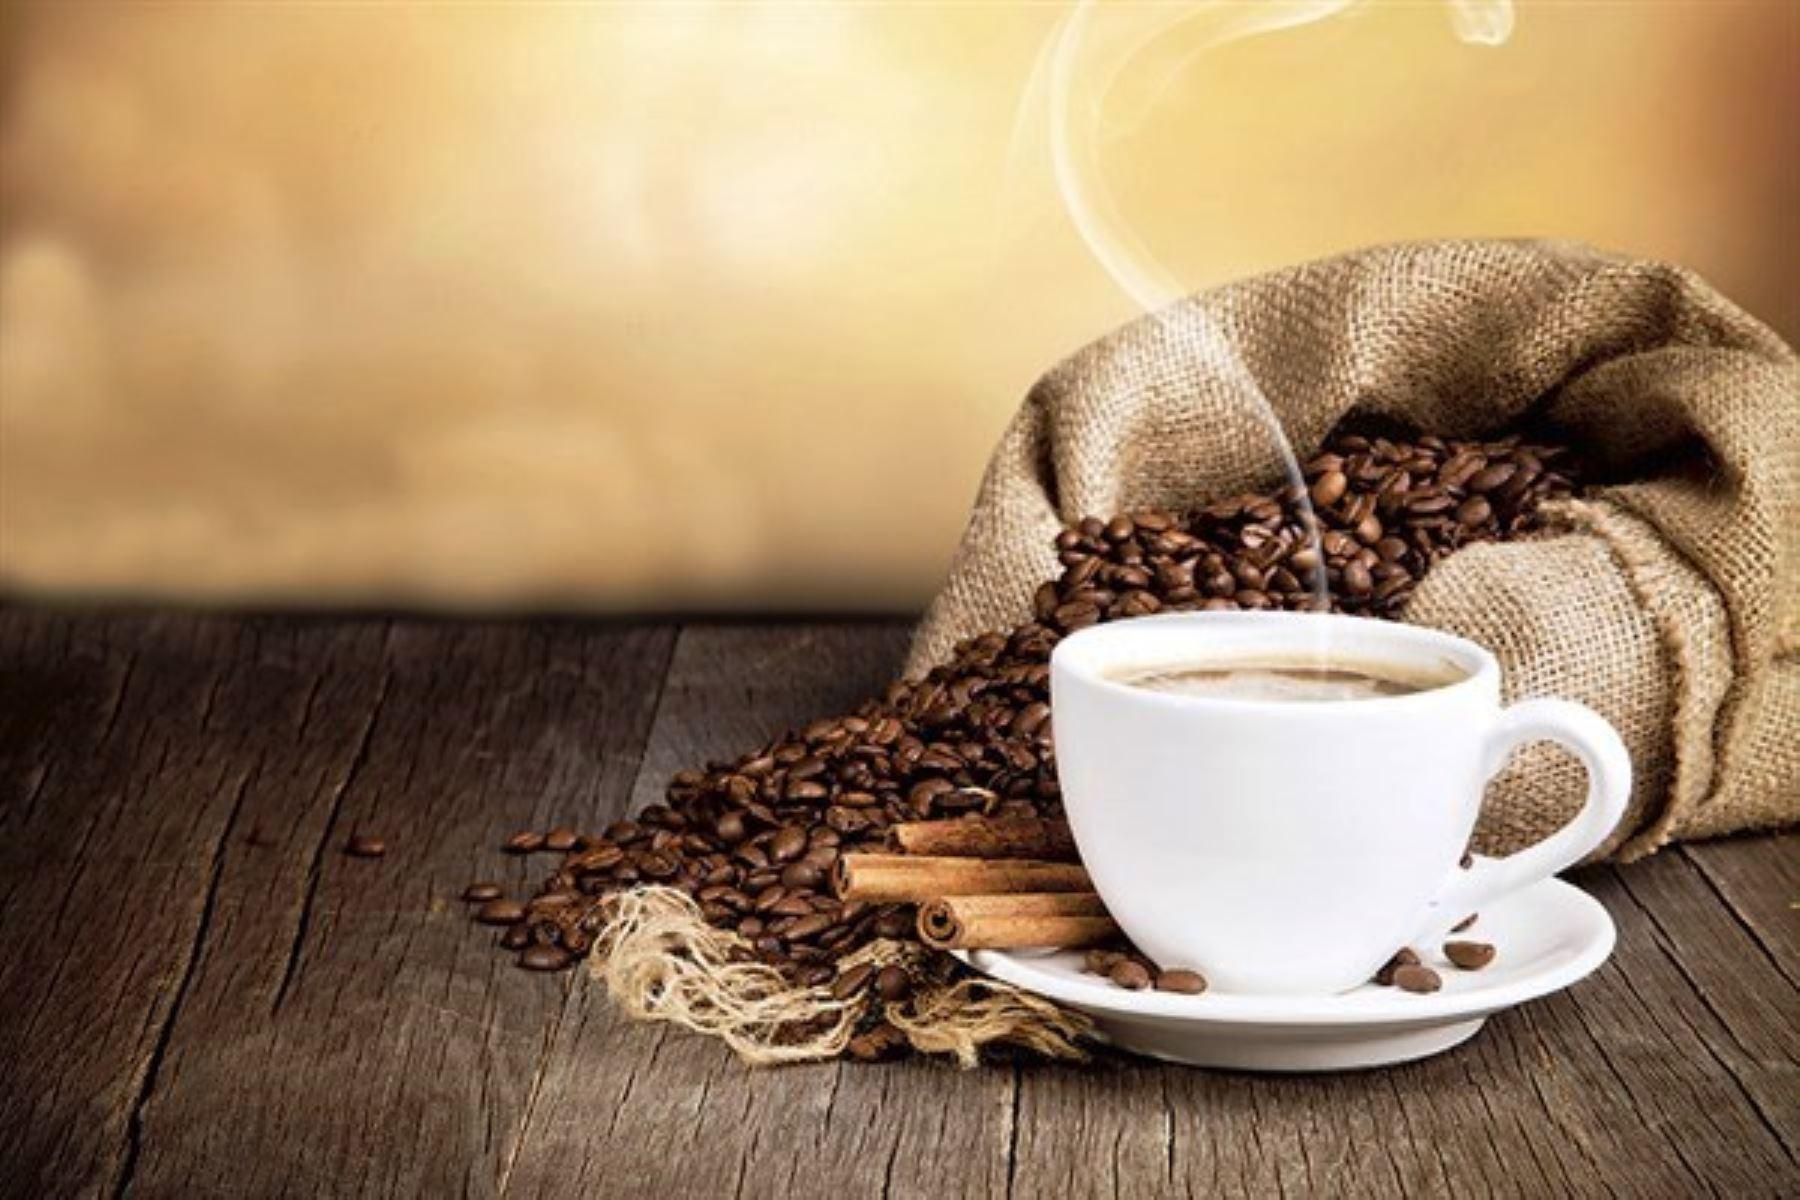 El café contiene un gran número de sustancias bioquímicamente activas que lo convierten en un gran revitalizante energético. Una de las más importantes y conocidas es la cafeína, pero además es una fuente considerable de antioxidantes beneficiosos para el organismo. ANDINA/archivo